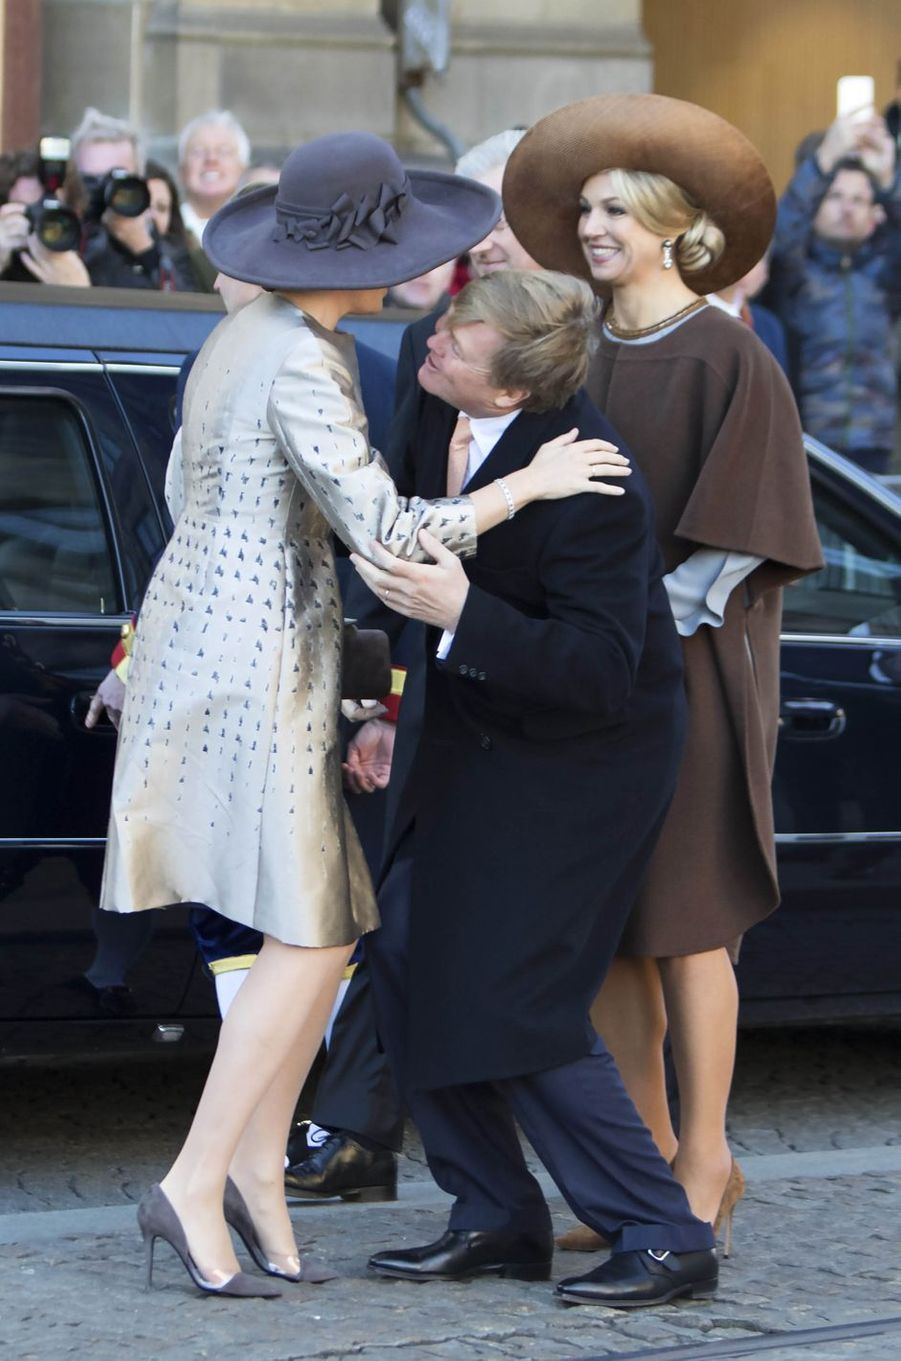 La reine Maxima et le roi Willem-Alexander des Pays-Bas accueillent la reine Mathilde et le roi Philippe de Belgique à Amsterdam, le 28 novembre 2016